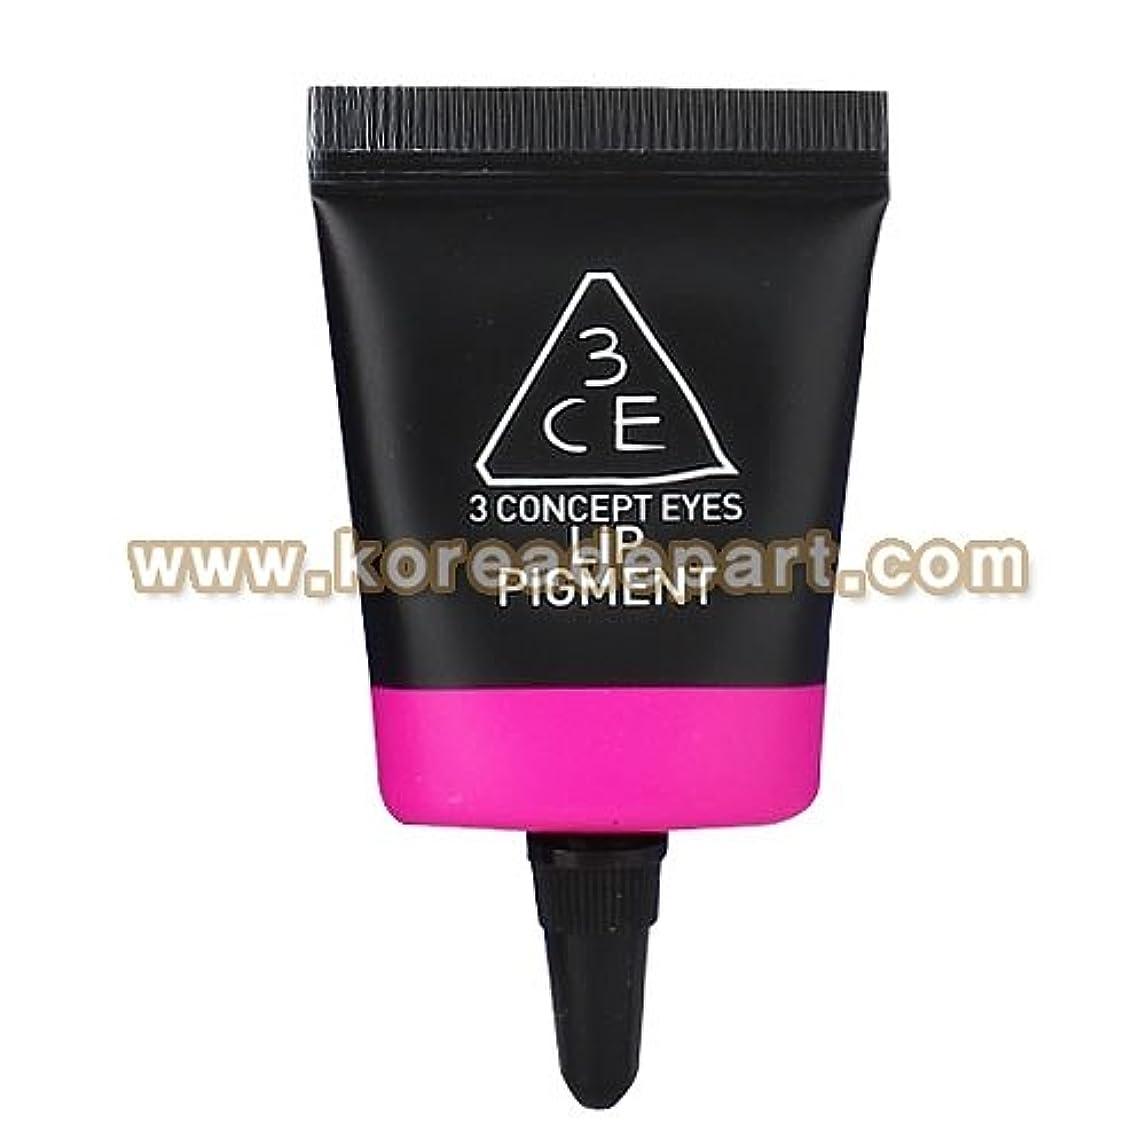 スクレーパー燃料海賊3CE リップ ピグメント (electro pink) [海外直送品][並行輸入品]